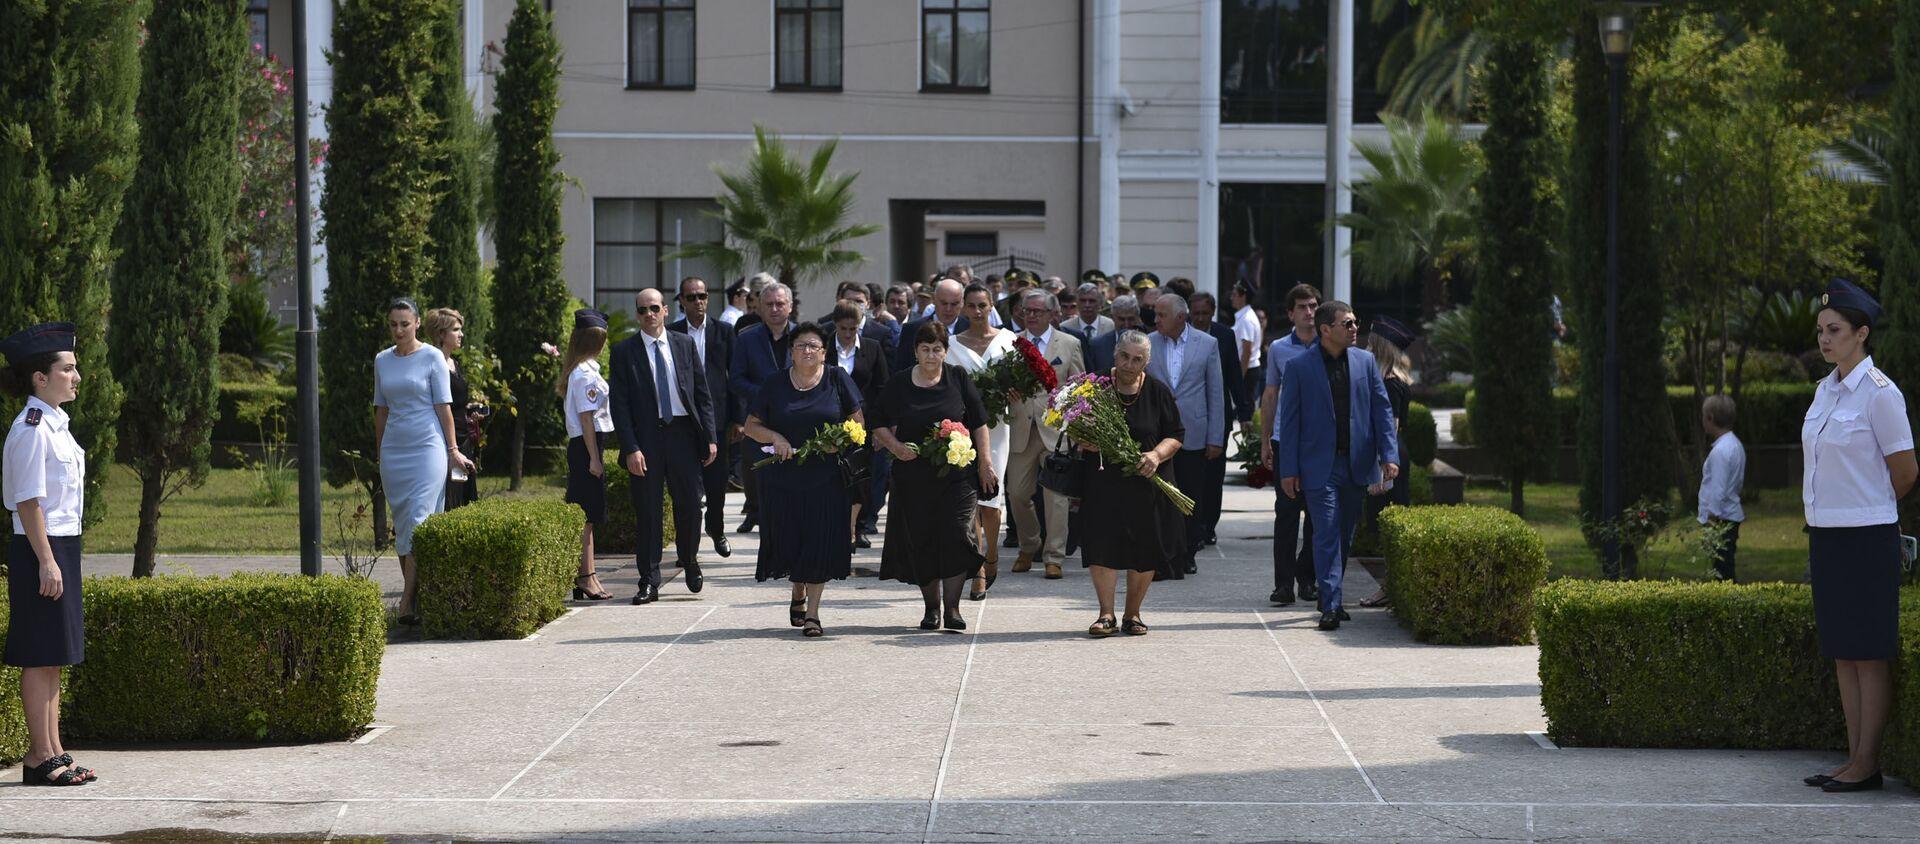 Церемония возложения цветов прошла у Мемориала Славы в Сухуме  - Sputnik Абхазия, 1920, 26.08.2021